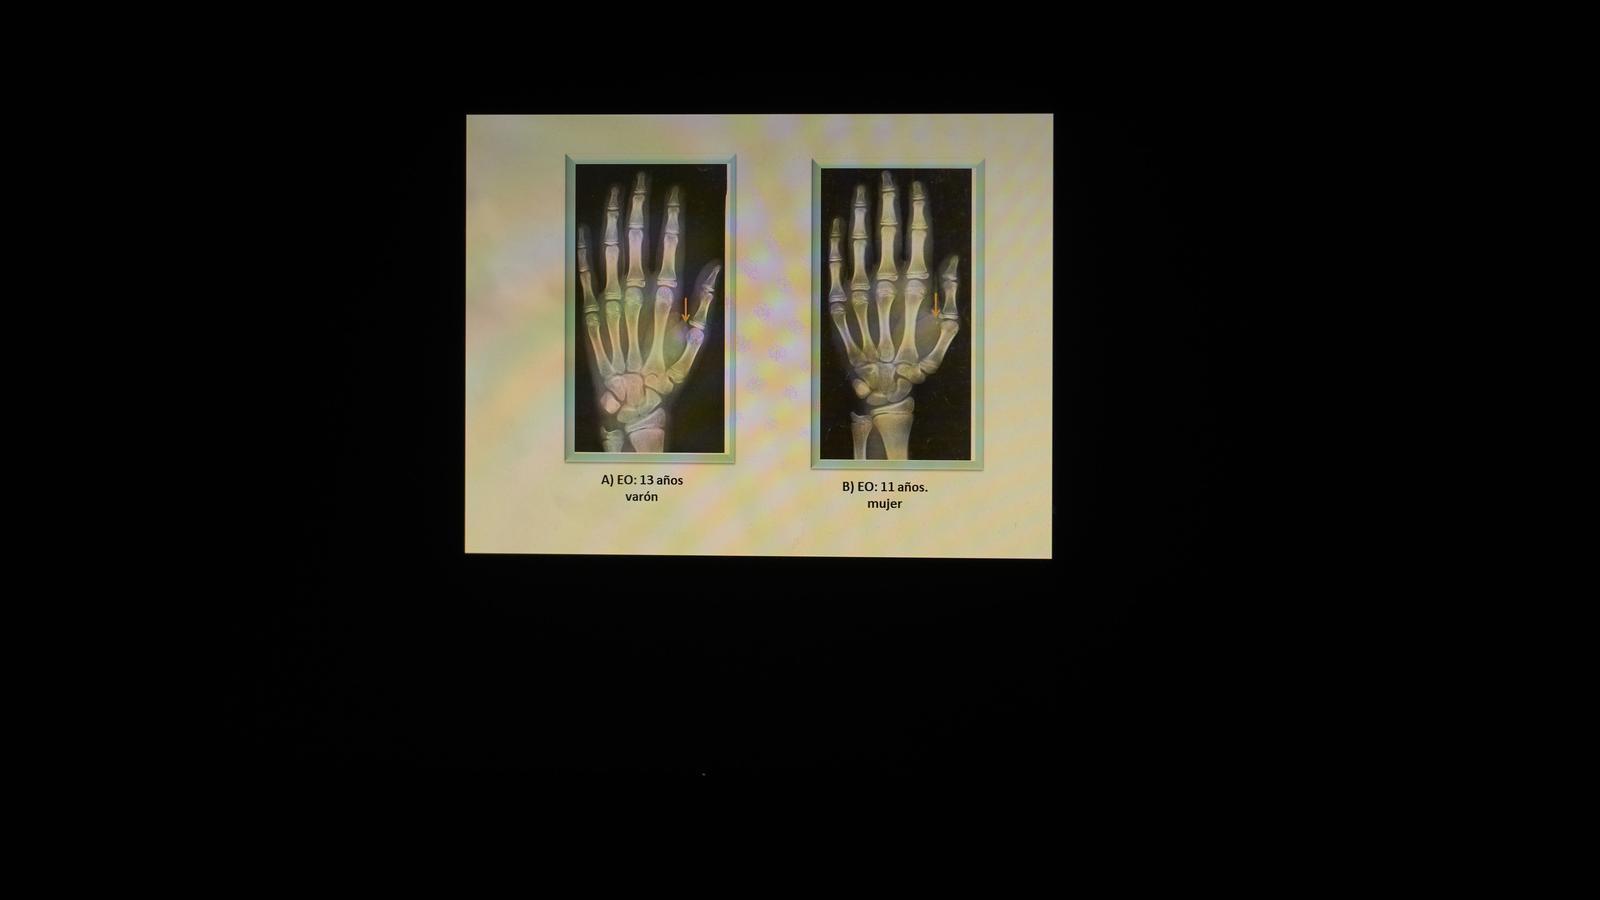 Patrons de radiografies  utilitzats per comparar amb les mans dels menors i determinar-ne l'edat